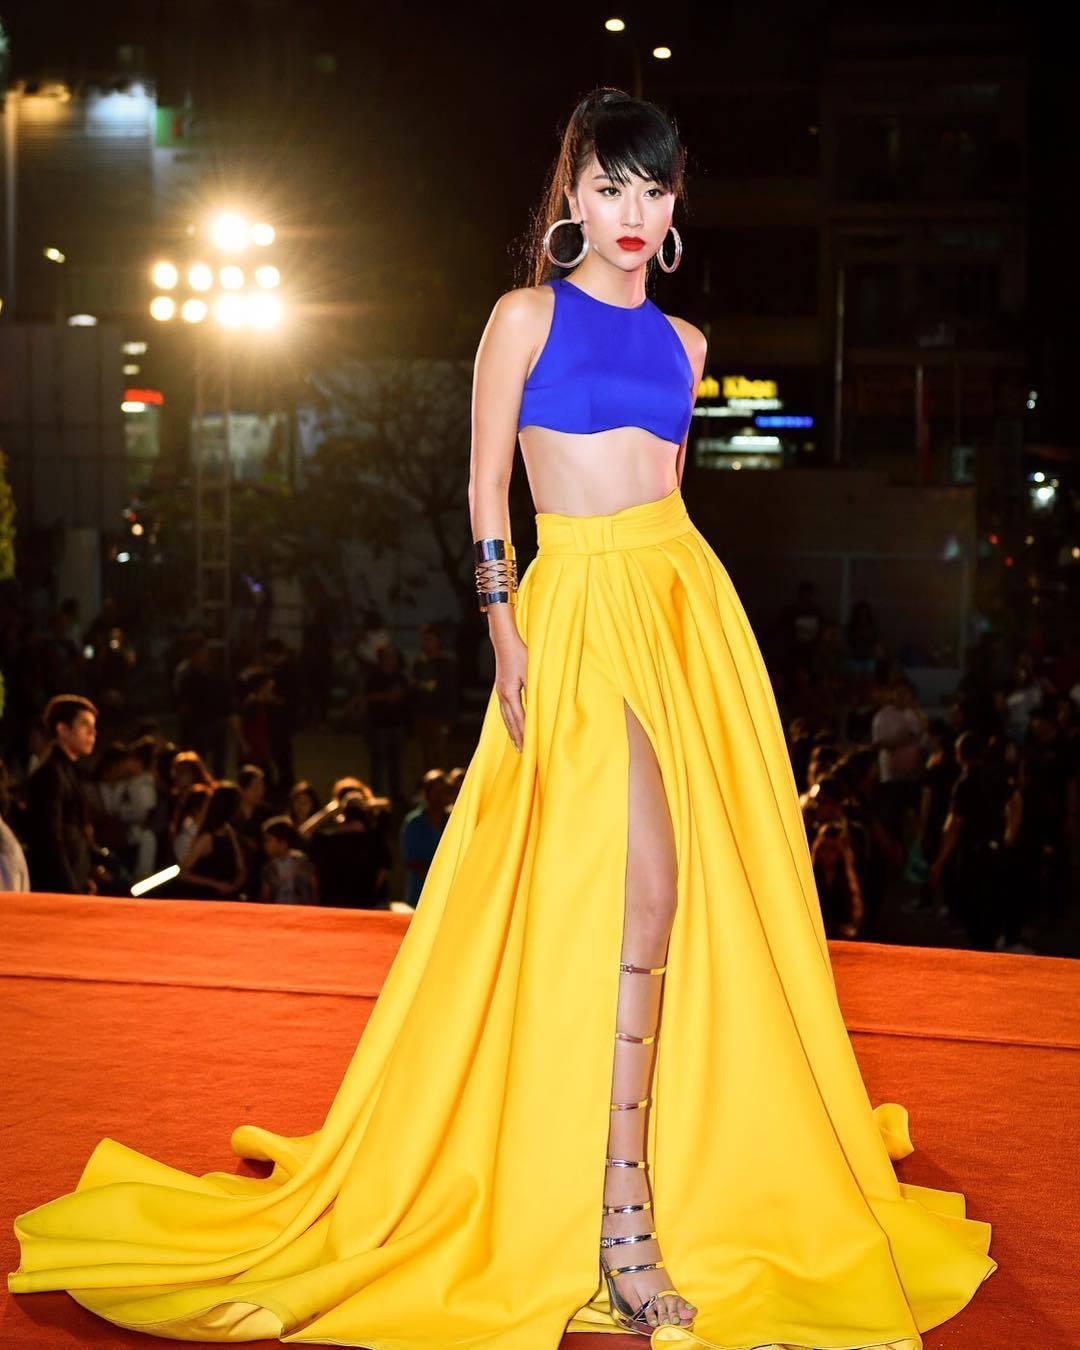 Học hot girl Quỳnh Anh Shyn kỹ năng phối màu trang phục đẹp thần sầu - Hình 1